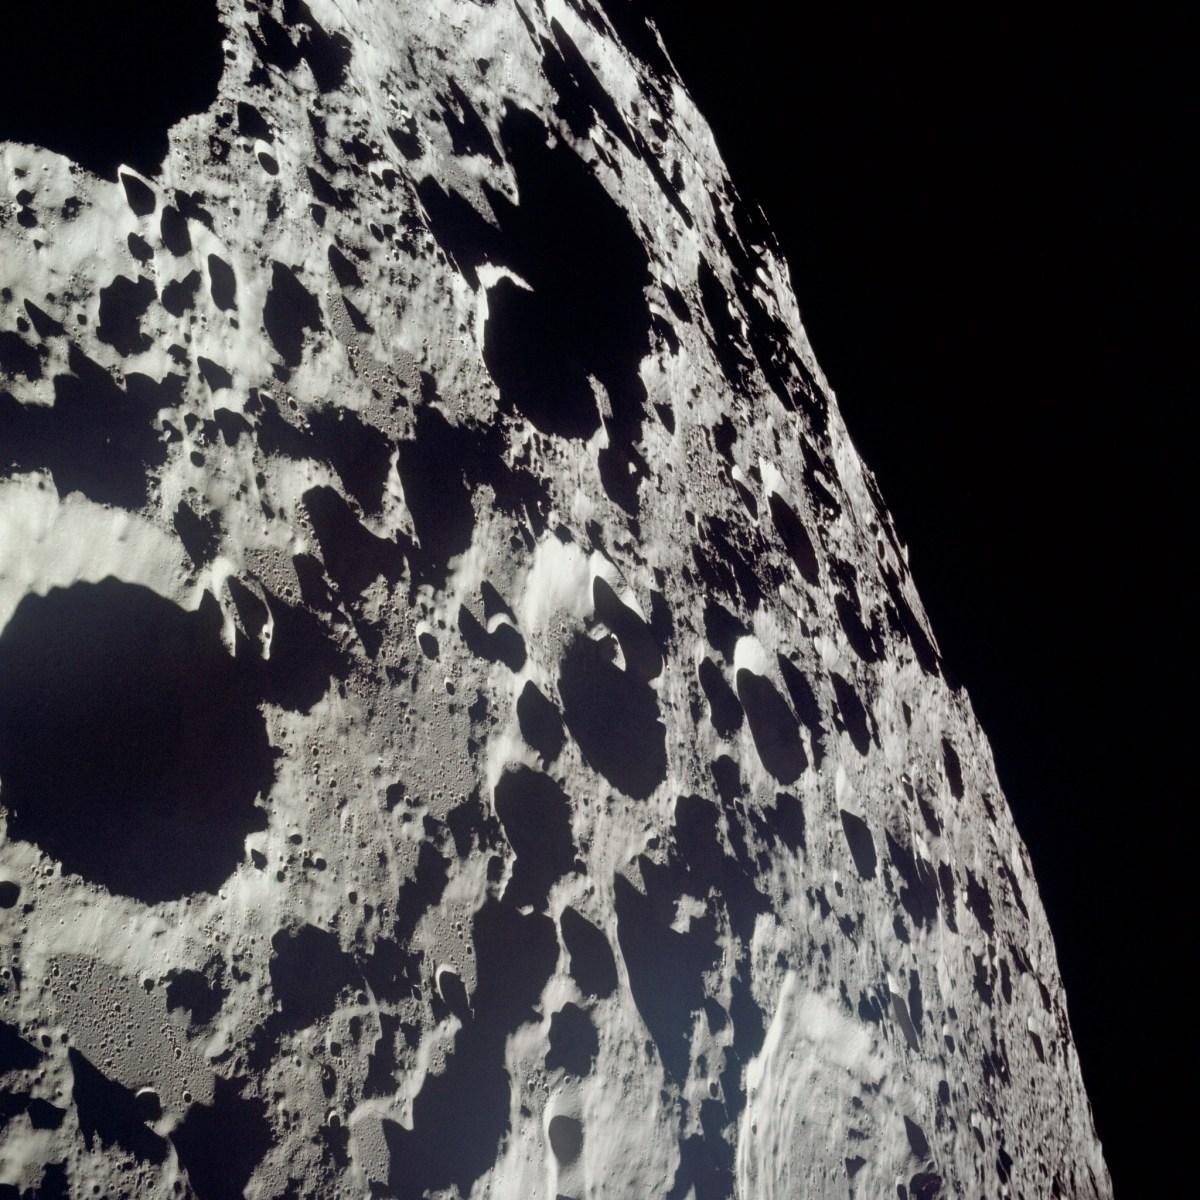 Surface lunaire aride et pleine de cratères de météorites du vaisseau Apollo 11, mission atterrissage lunaire, lumière rasante du Soleil sur la Lune © NASA - as11-44-6608 - 20 Juillet 1969